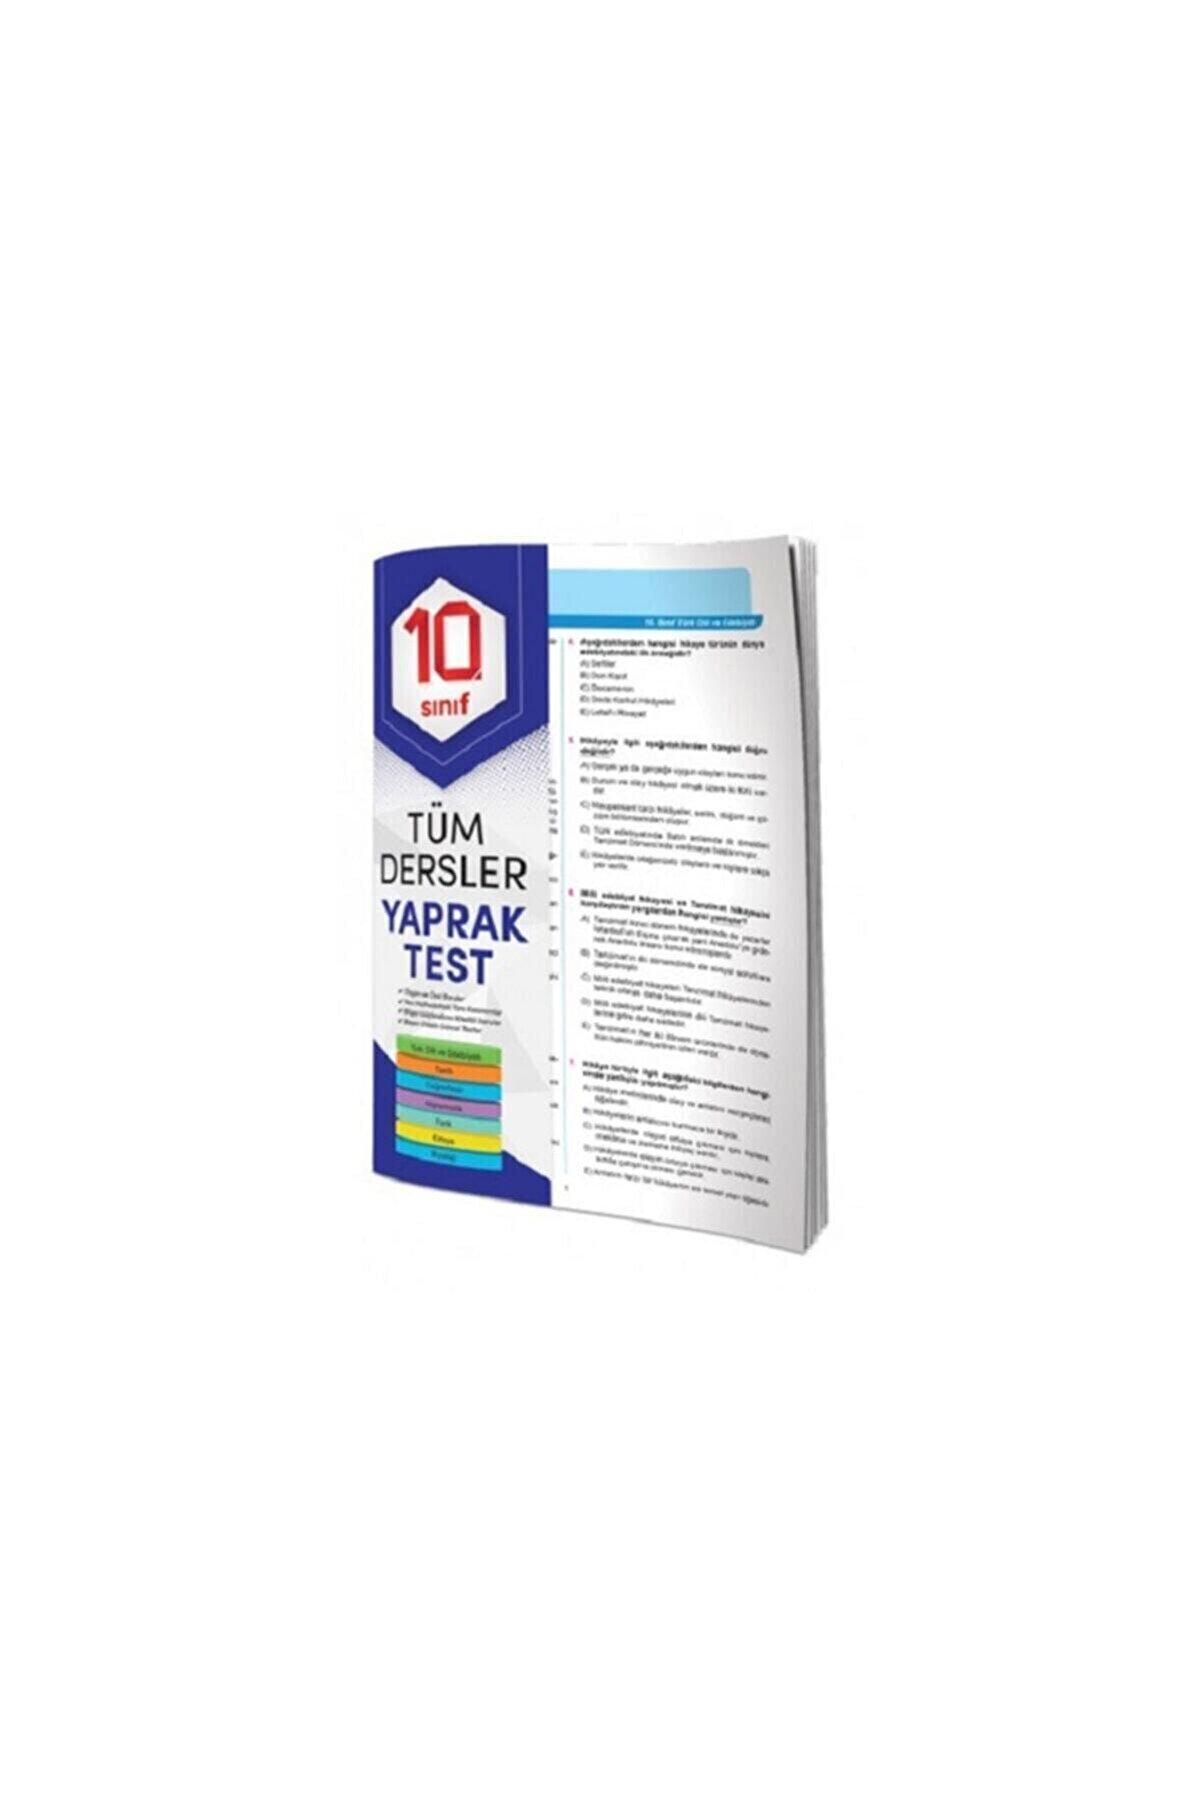 Element Yayınları 10. Sınıf Tüm Dersler Yaprak Test